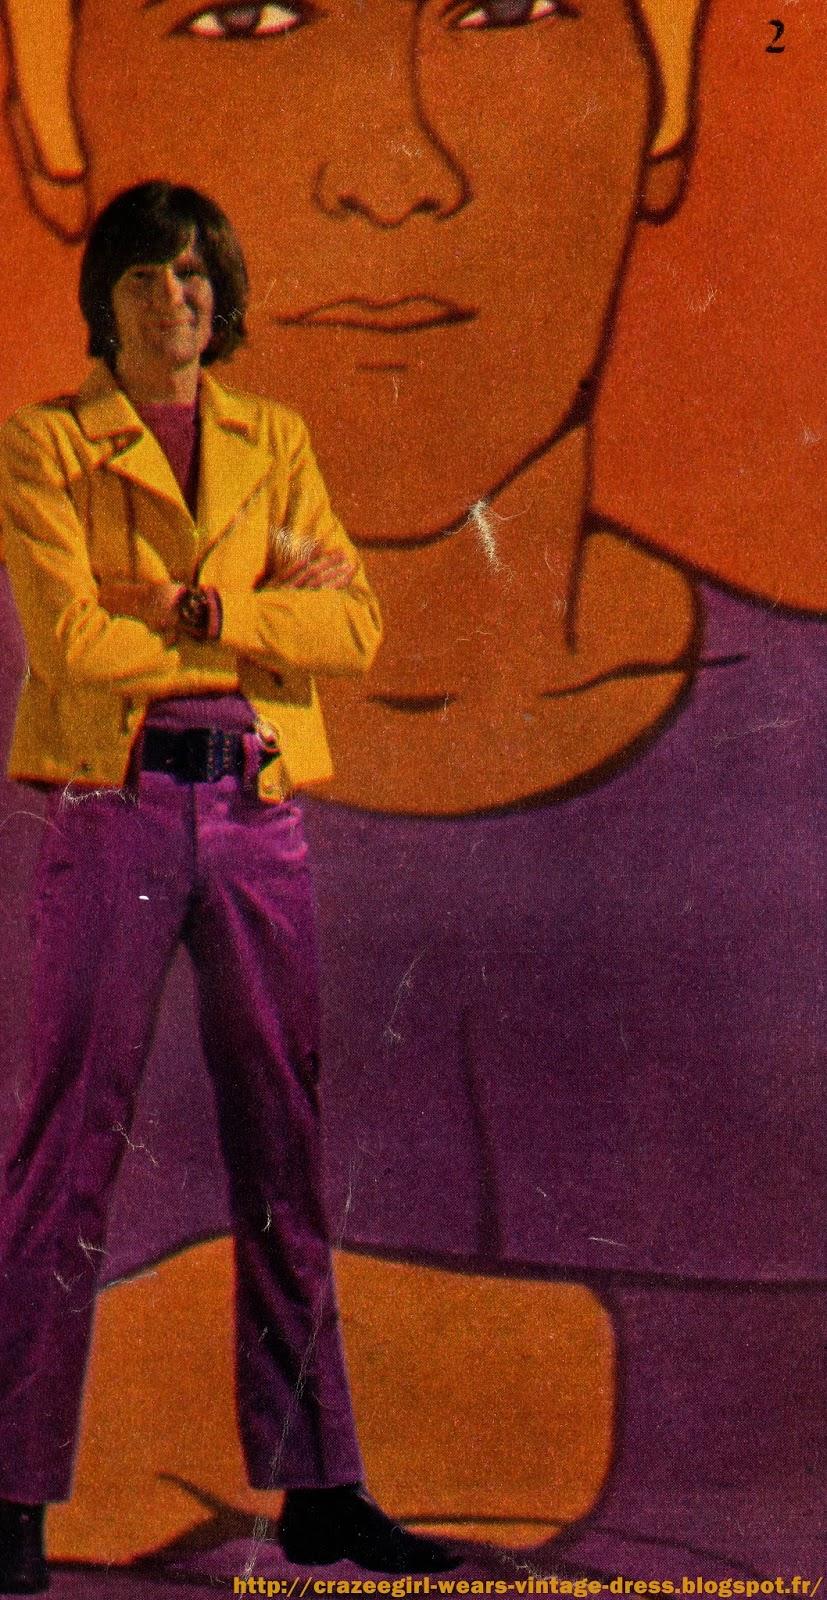 """Dans les décors de Guy Peellaert , pour le film """"Jeu de massacre"""" , les Charlots ont essayé les nouveautés de l'été qui commence .              Lucien : t-shirt Spiderman de Wells, blouson de daim Renoma , pantalon de toile Carnaby Street   Marcel : costume satin O' Brial , chemise Levis bleu marine  Alfred : sweatshirts """"Peanuts"""" de Wells , pantalon en éponge Carnaby Street , chaussure tennis Palladium Marcel : pantalon toile rayée O ' Brial , pull marine Campton, veste feutrine blanche O Brial , lunettes Lissac  Félix : pantalon toile jaune Carnaby Street , chemise manches courtes Hawaii de Wells , tennis Paladium , lunettes Lissac ucien : casquette Campton , t-shirt Marvel """" Fantastic Four """" de Wells , ceinture bande dessinée de Wells , pantalon toile Carnaby Street , tennis Palladium Montres Old England , Ramdan , Drugstore Marcel : pantalon satin O'Brial , pull mauve Campton, blouson toile jaune O'Brial, ceinturon toile Carnaby Street Marcel : chemise Wells , blouson """"Polnareff"""" de Carnaby Street , pantalon toile rayé O'Brial , tennis Palladium  Felix : chemise polo en épo,ge et maillot de bain éponge Carnaby Street  Lucien : Costume Mao en toile blanche Campton Tee Shirt Marvel """" Iron Man """" de Wells Alfred : costume toile rayée Carnaby Street , chemise O'Brial  Emile : chemise à pois Wells , blouson Tergal O'Brial , jeans Levi's vintage sixties années 60 1960s 1960's 60s 60's mod denim"""